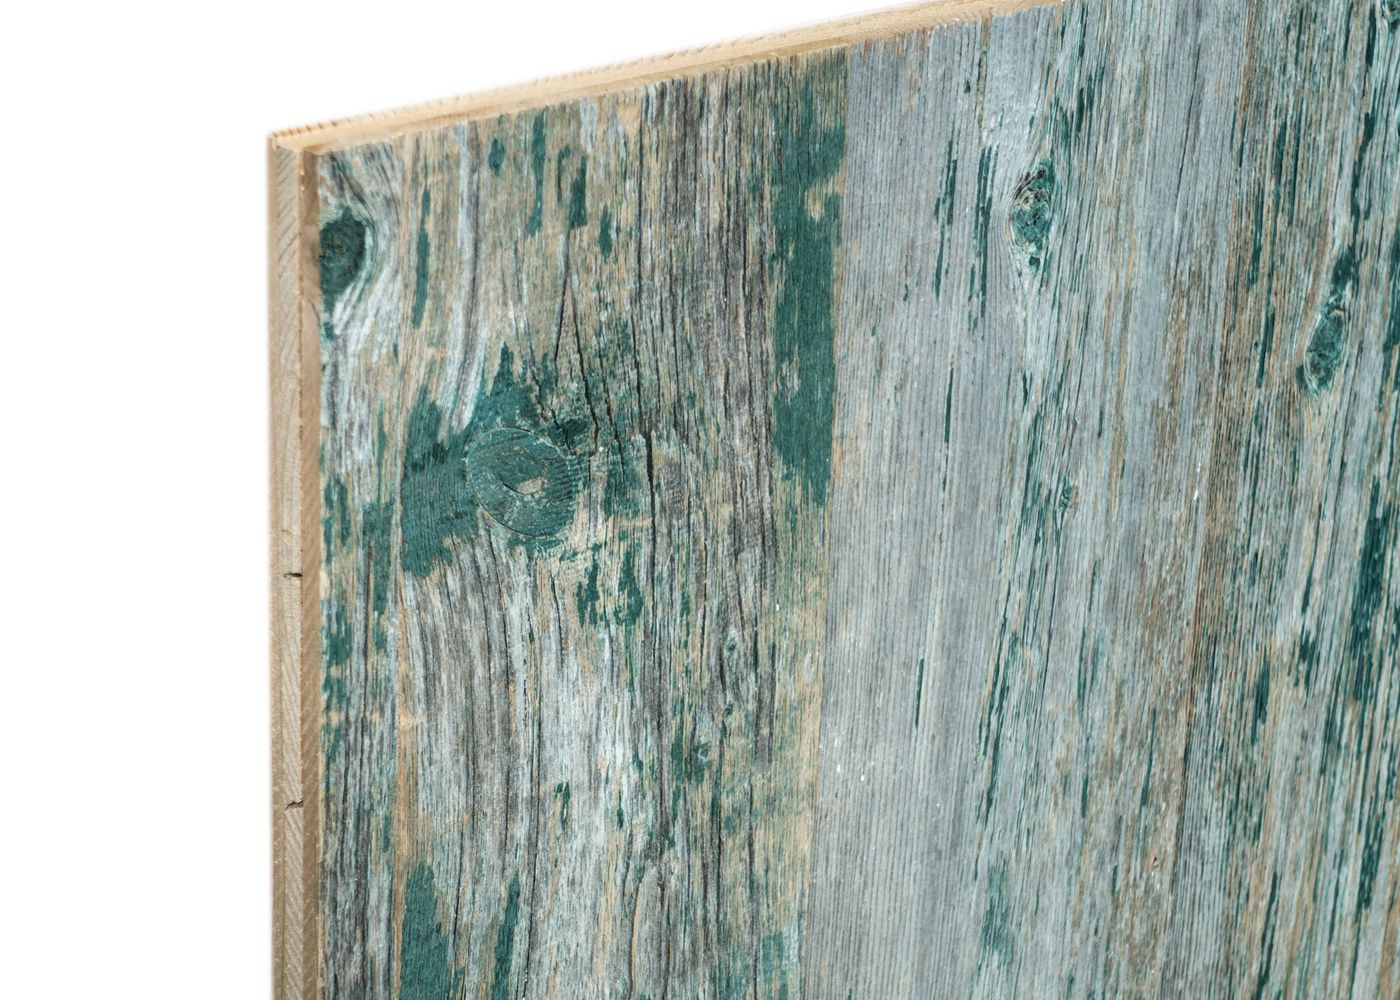 Panneau 3 plis bois us campagne vieilli peinture d'origine (blanc / noir / rouge / vert ) brut - 1 face plaquee - fsc